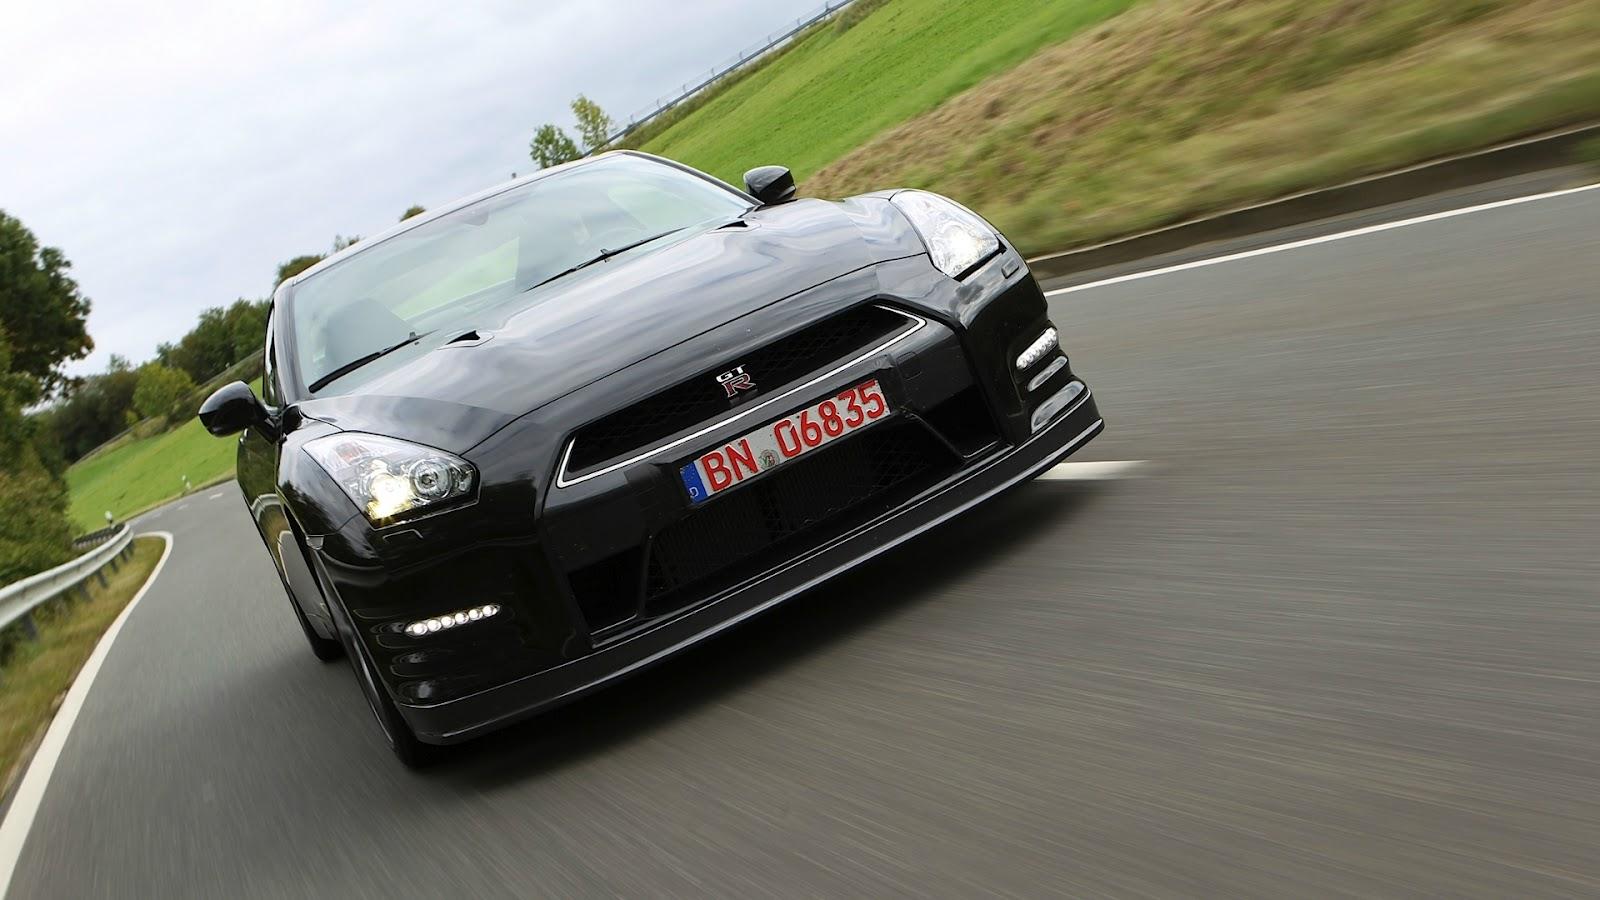 http://2.bp.blogspot.com/-oZQZL6EkXUE/T_h6GTVrjRI/AAAAAAAAERc/-yhyhUKj2LM/s1600/Nissan+GTR+Hd+Wallpapers+2013_7.jpg